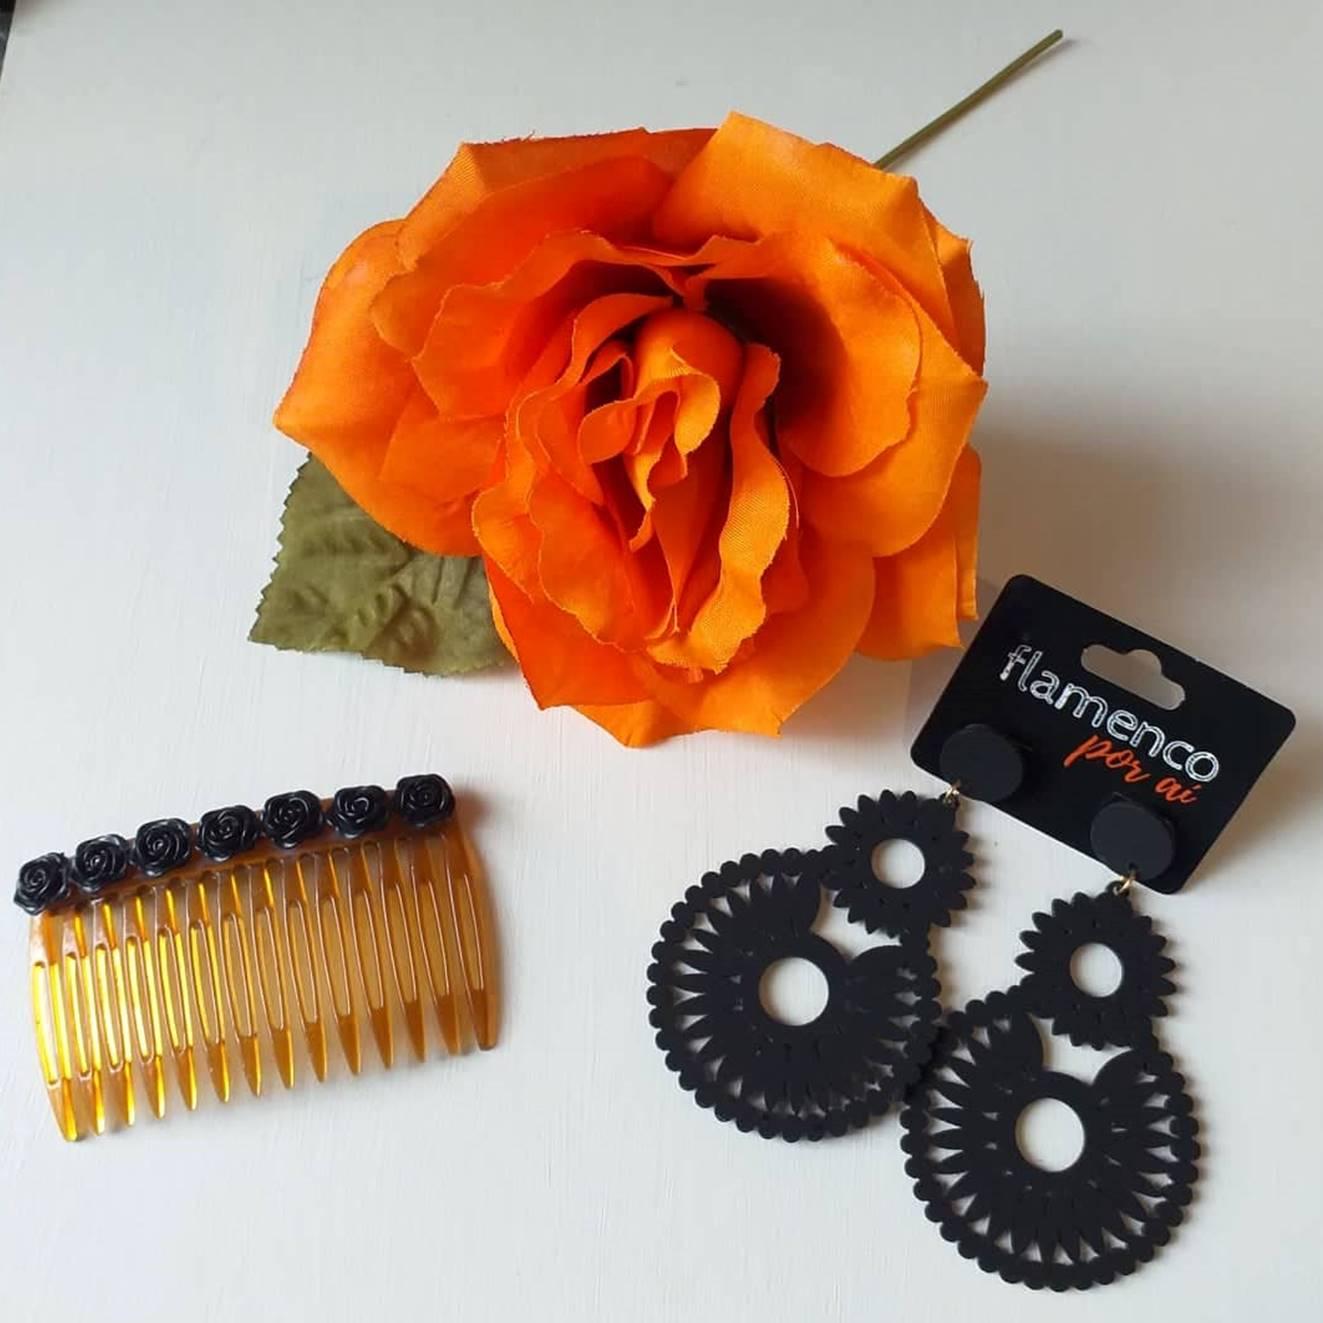 KIT 19 flamenco flor laranja brinco preto peinecillo flores pretas